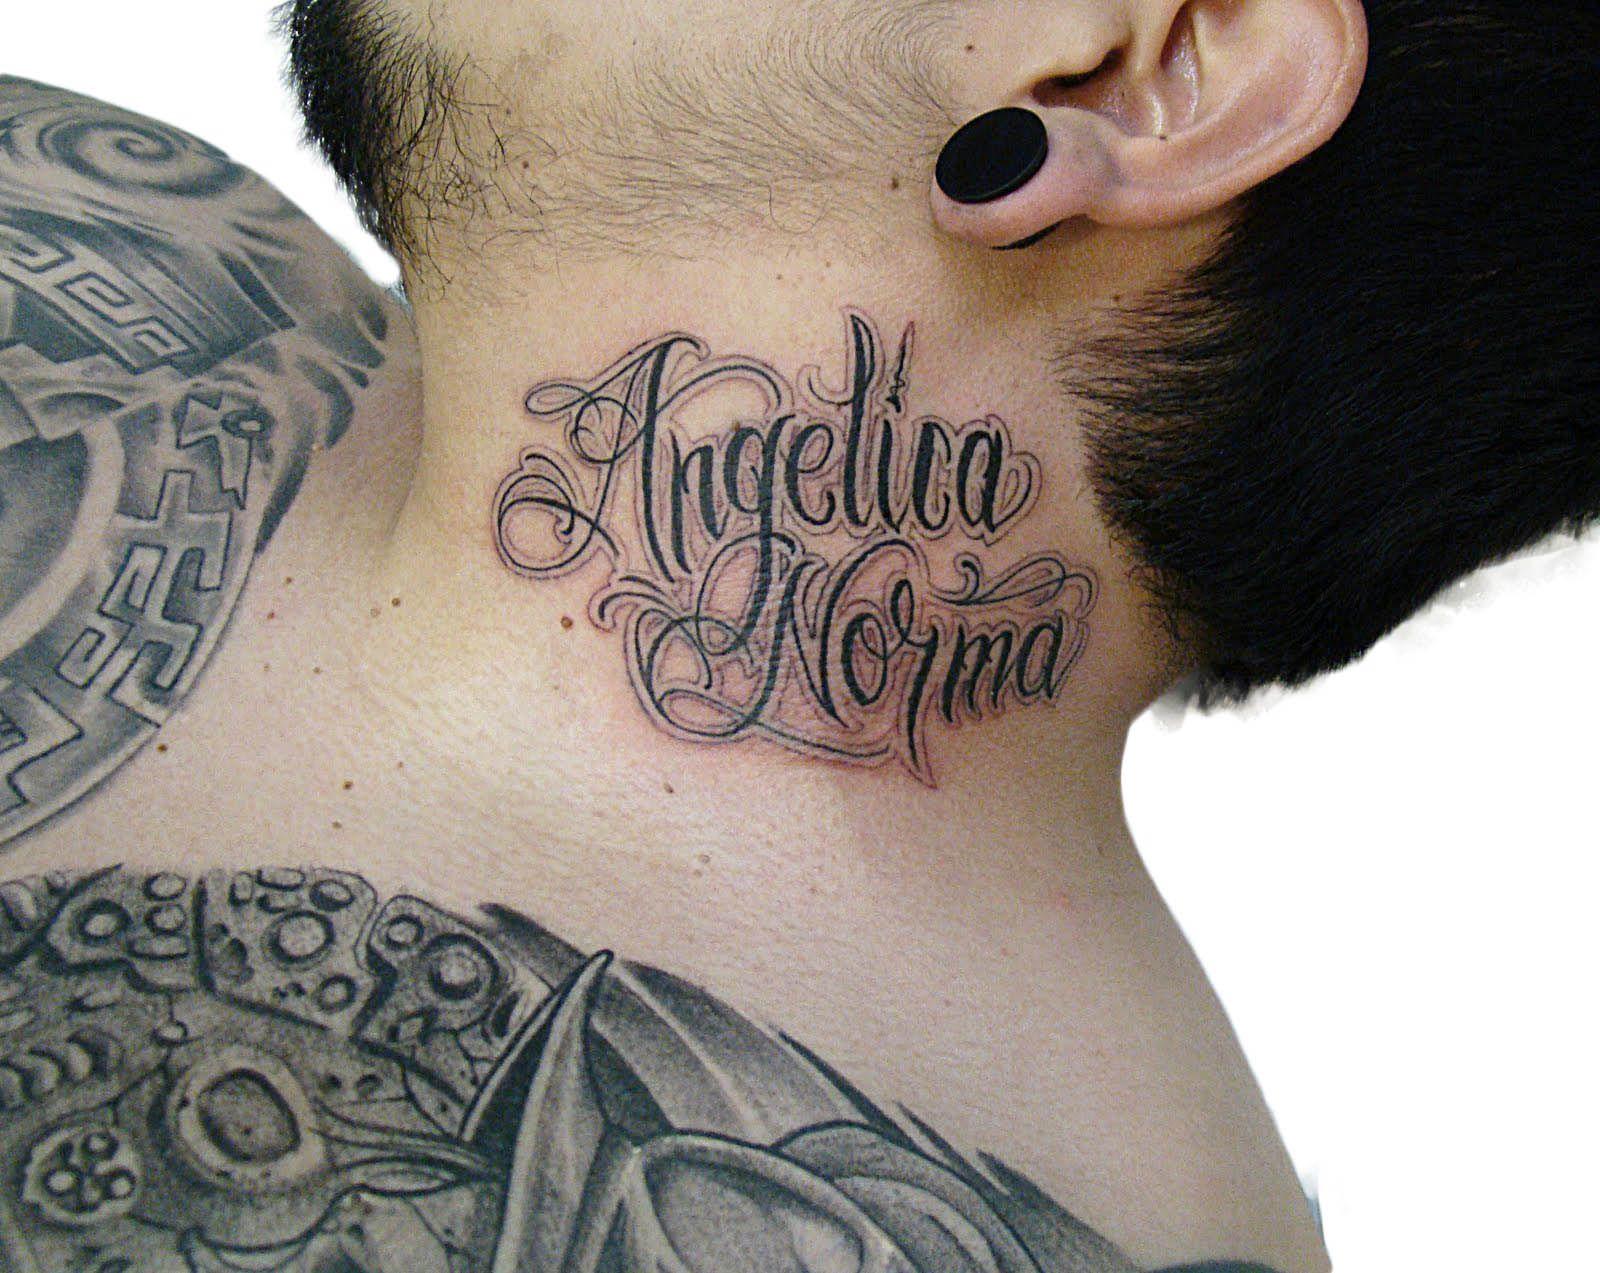 Tattoo Fonts Tattoo Ideas Store Name Tattoos On Neck Tattoo Lettering Neck Tattoo